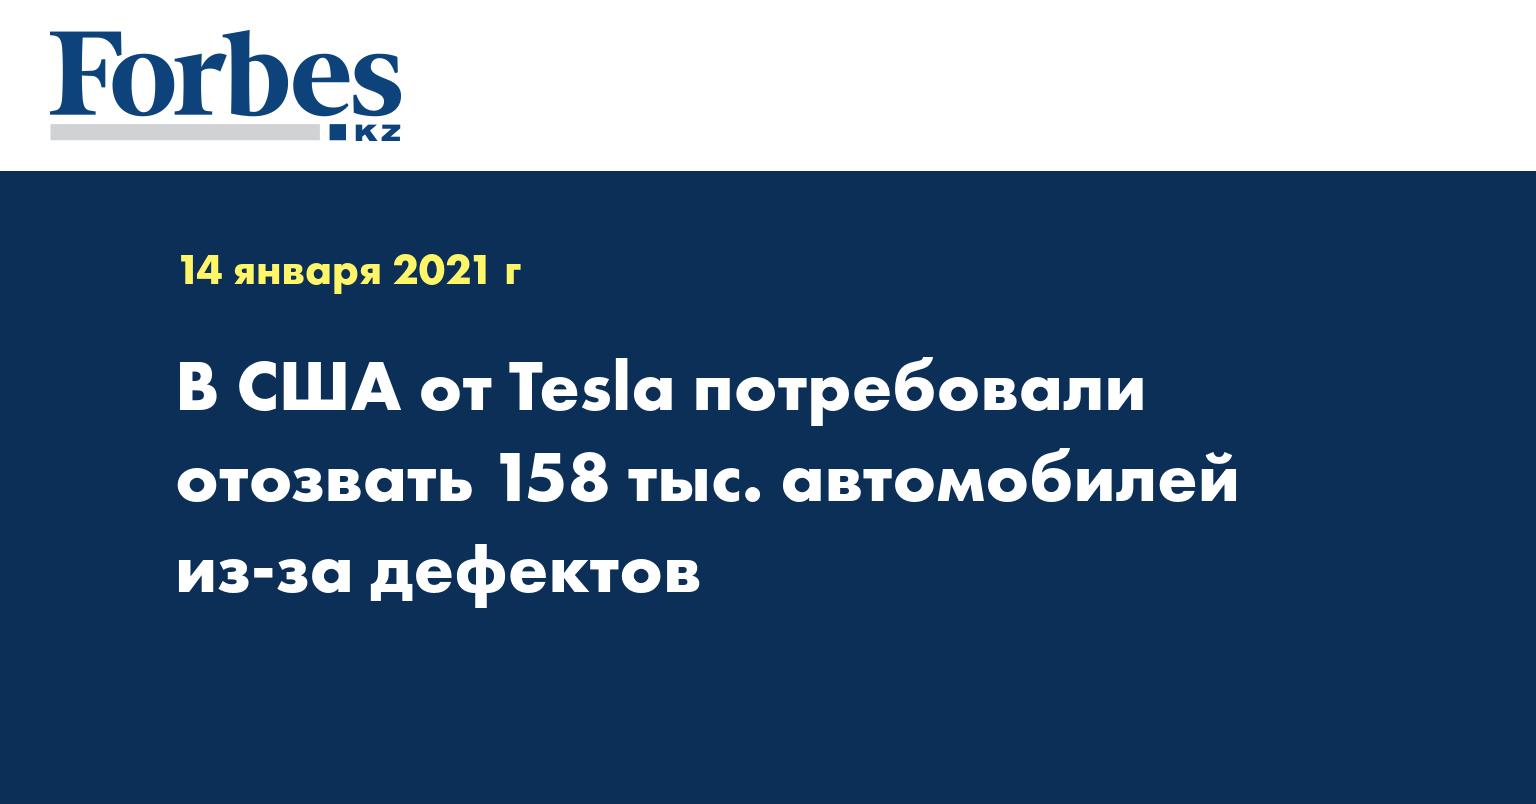 В США от Tesla потребовали отозвать 158 тыс. автомобилей из-за дефектов